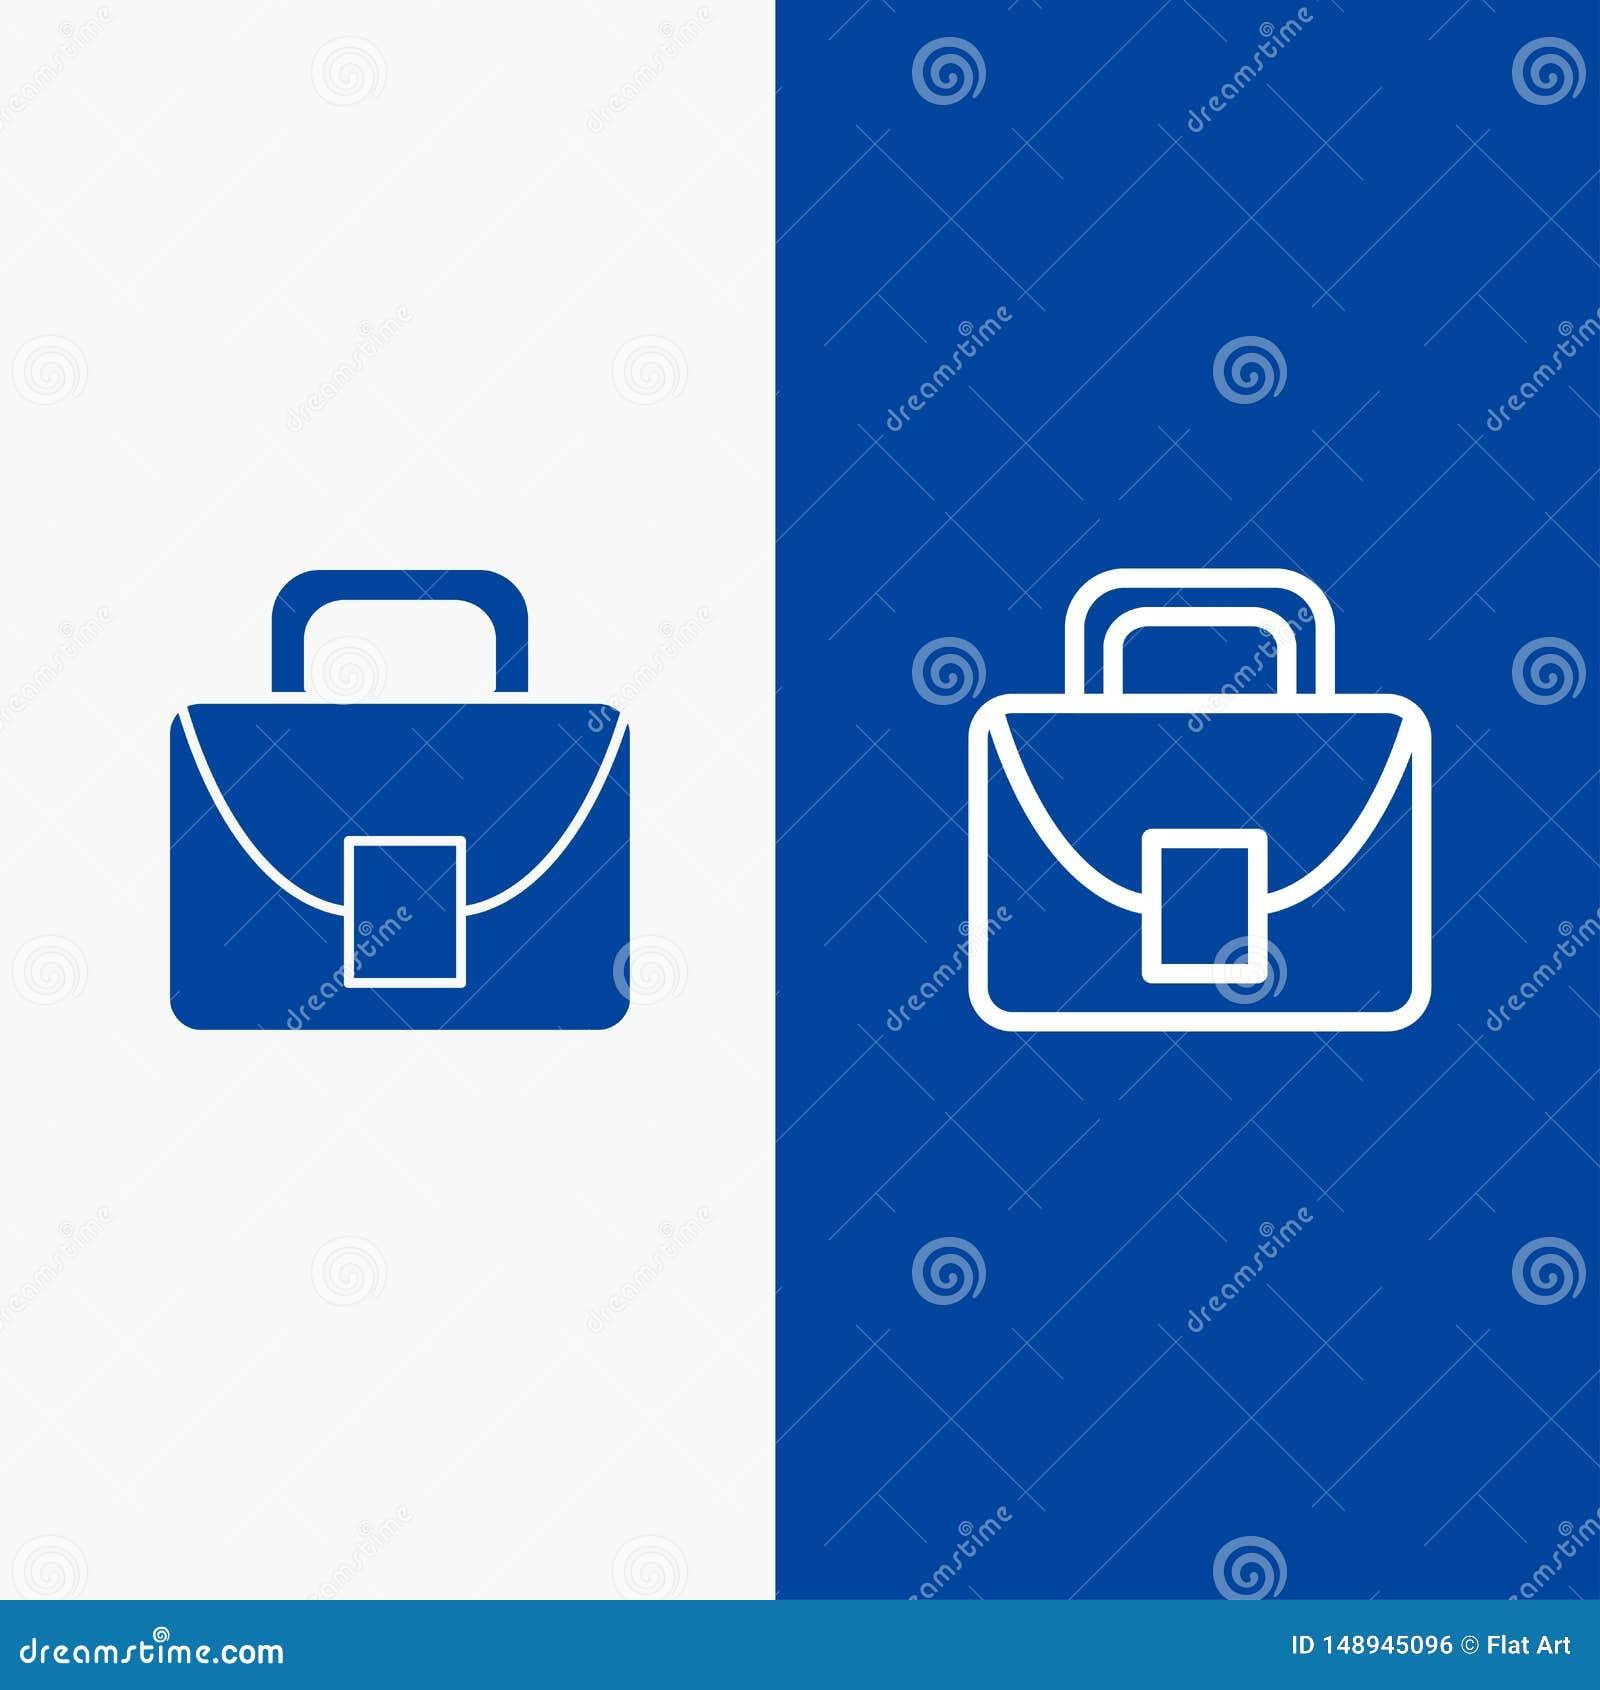 Blaue Fahne der blauen Fahne der Arbeitskraft, logistischer, globaler der Linie und des Glyph festen der Ikone der Tasche, Ikone